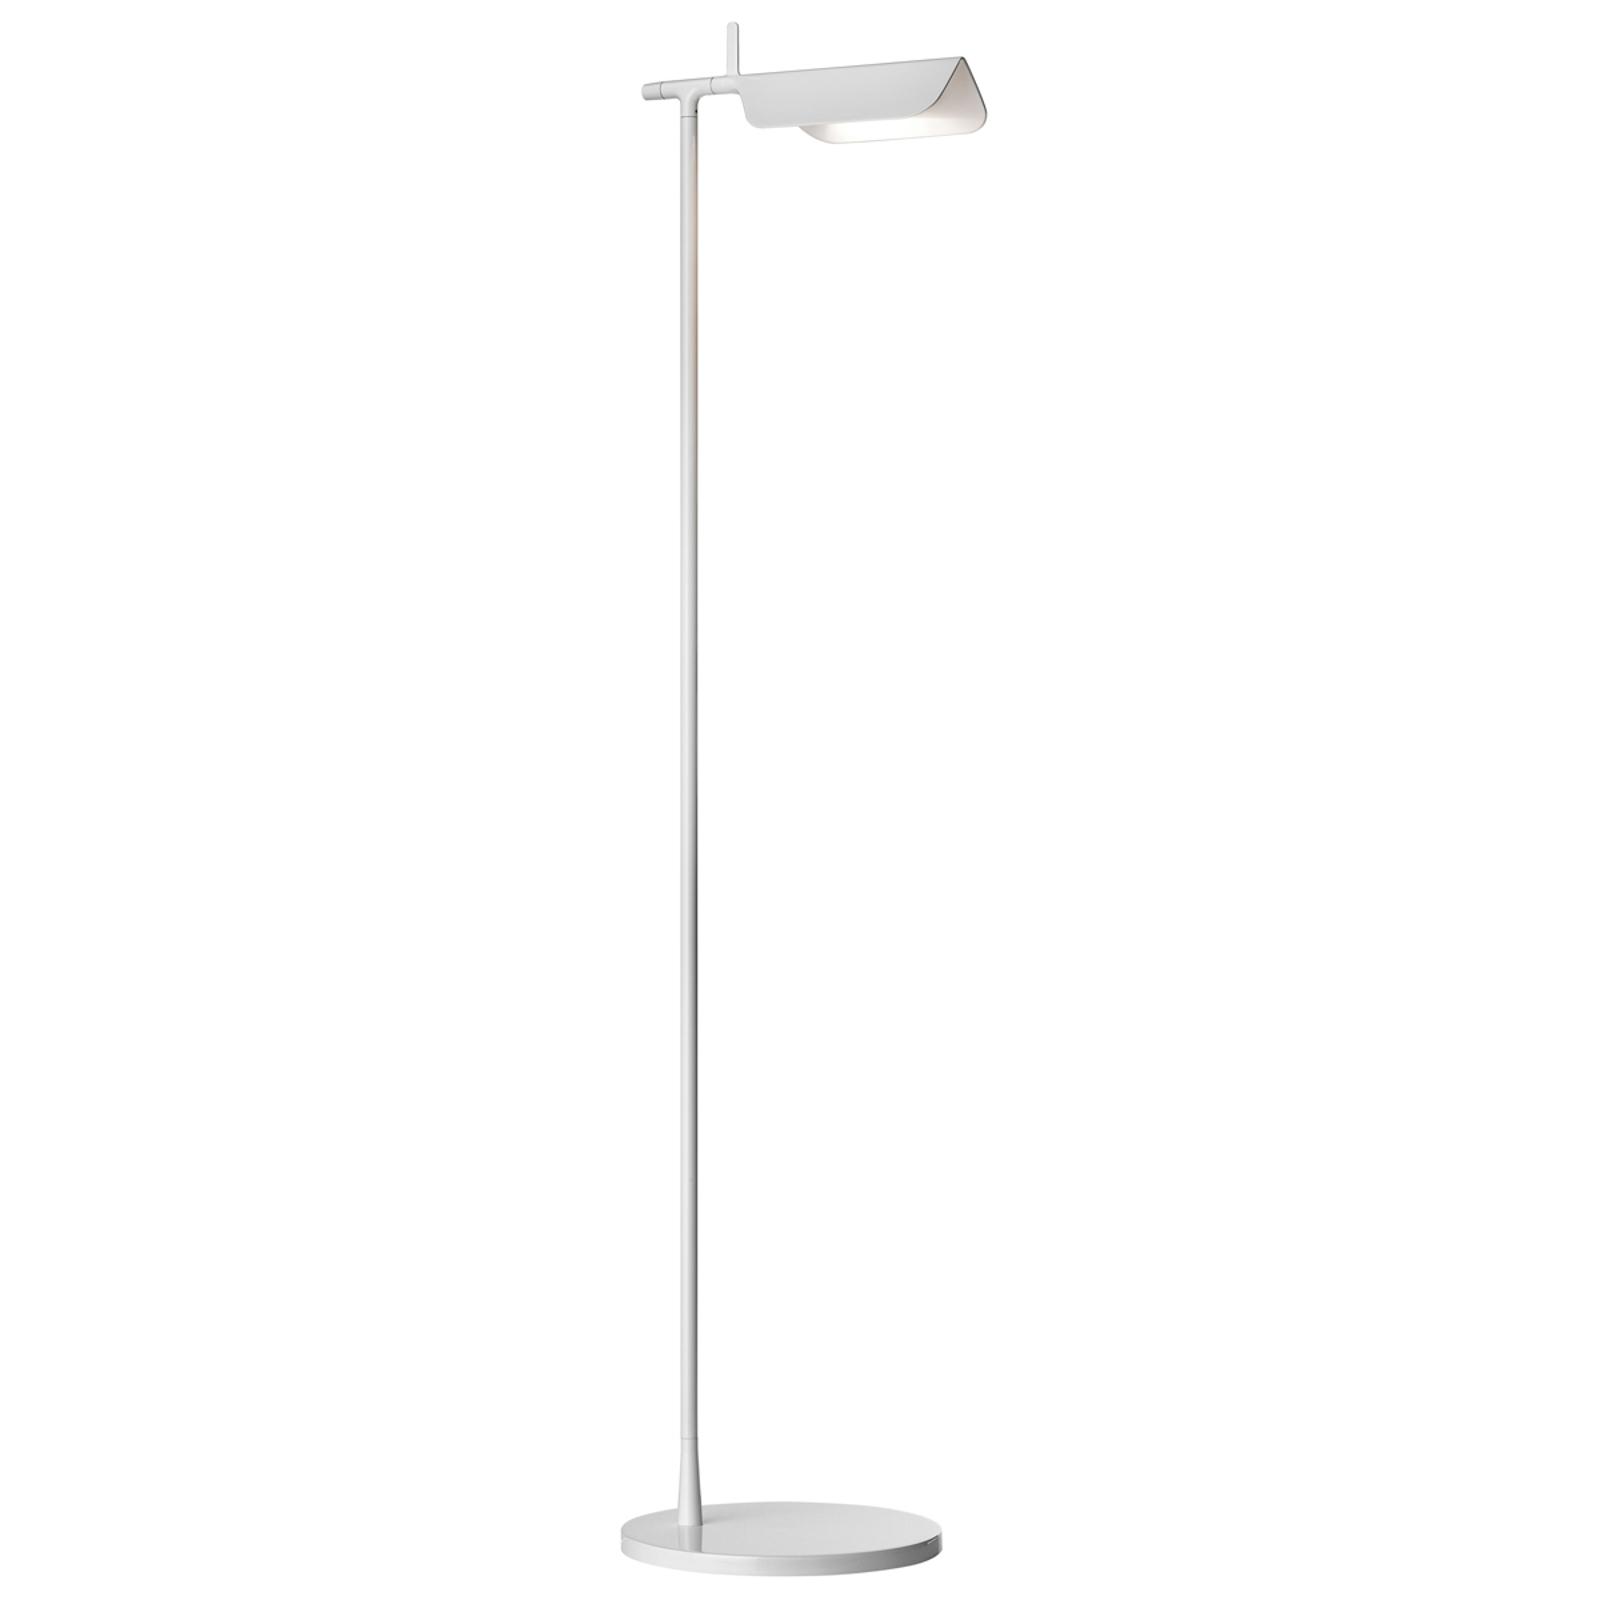 FLOS Tab LED-Stehleuchte, weiß